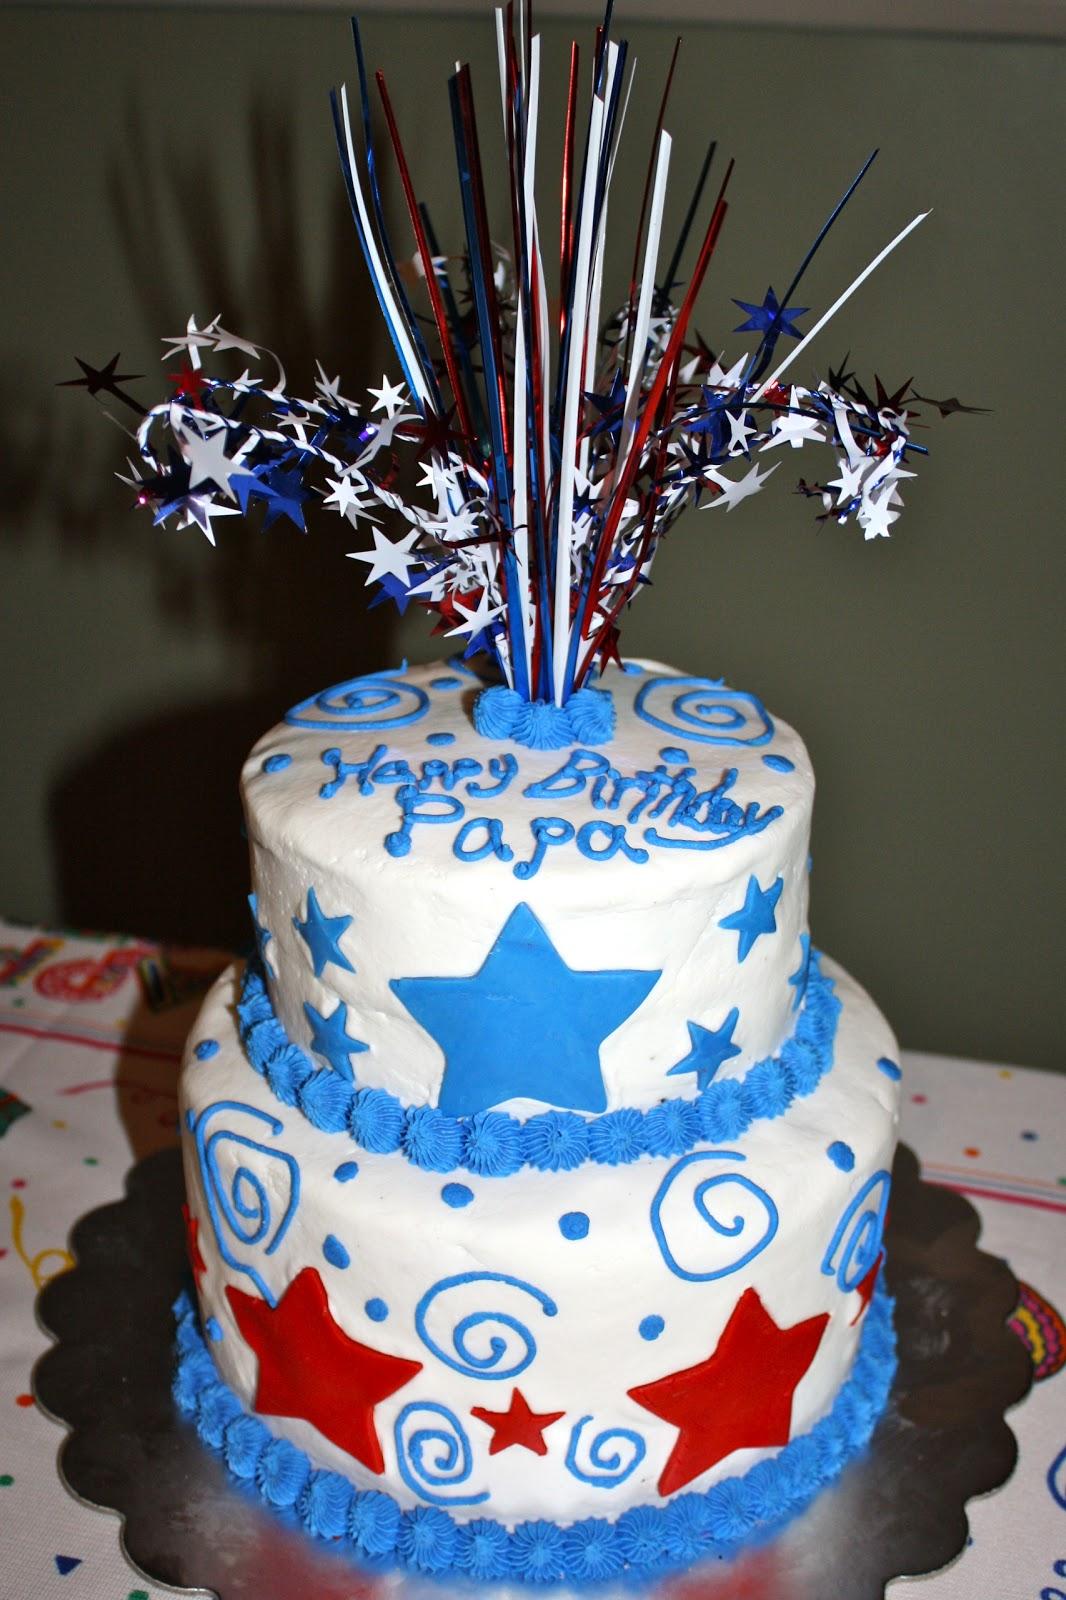 Kake Happy Birthday Papa